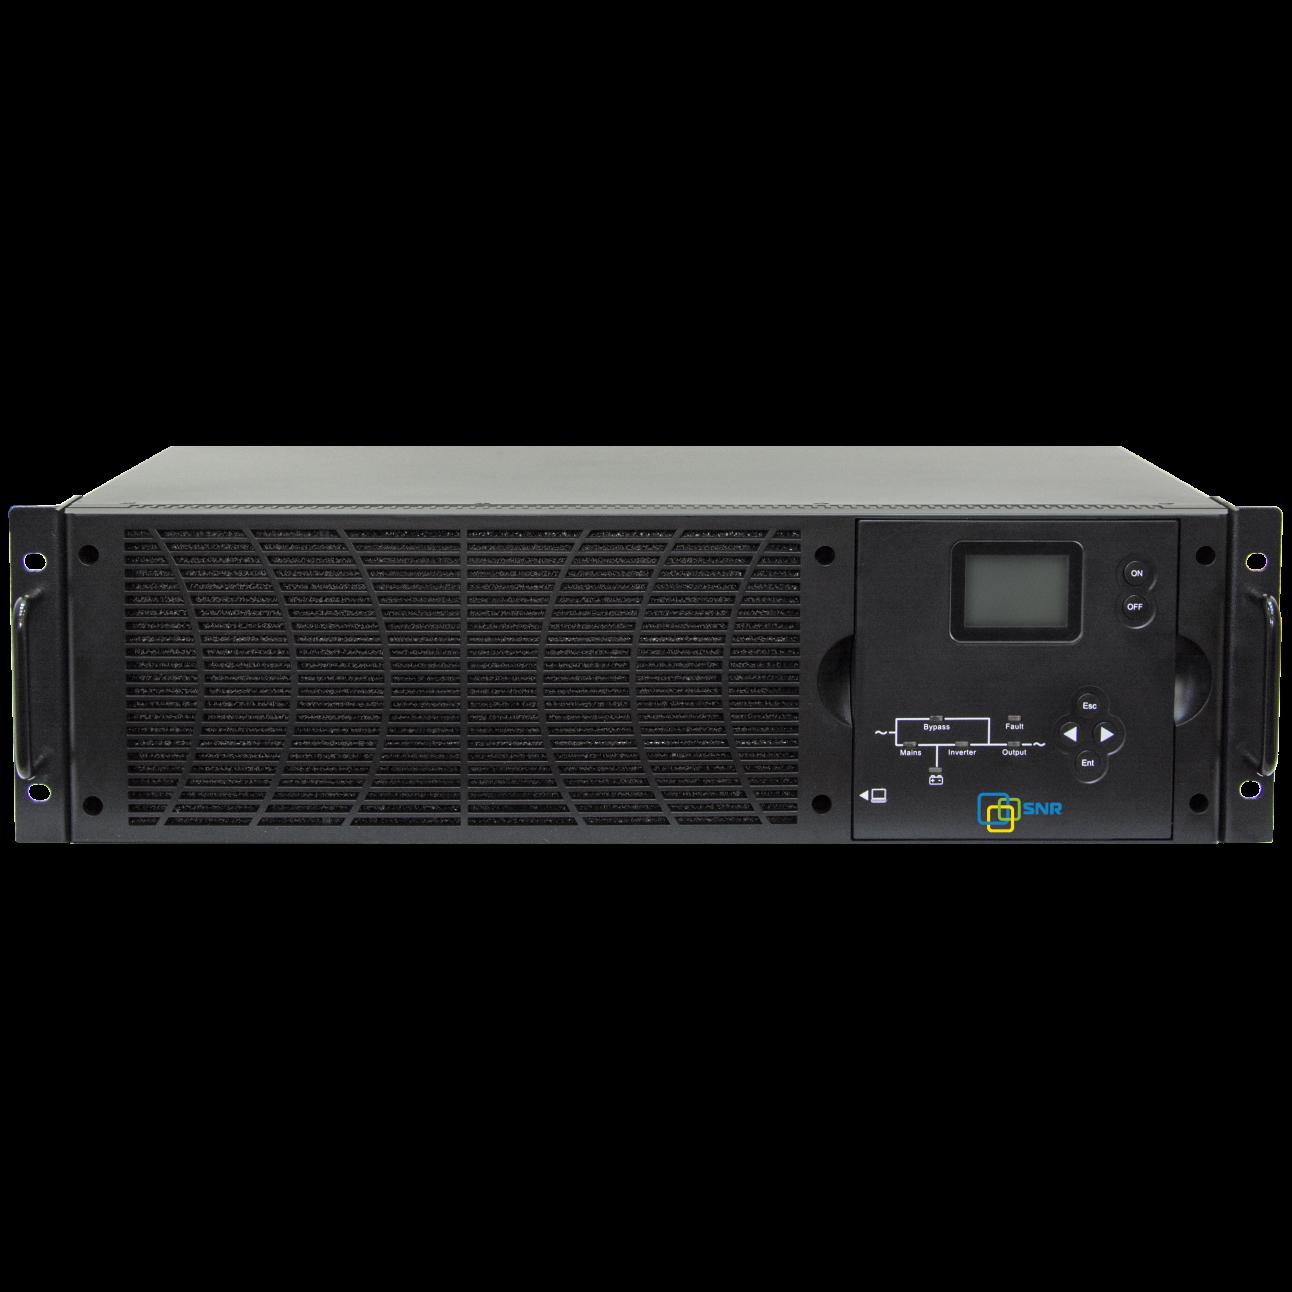 Источник бесперебойного питания on-line, 6000 VA серии MXPL (без АКБ) фаза 3:1 (уценка)